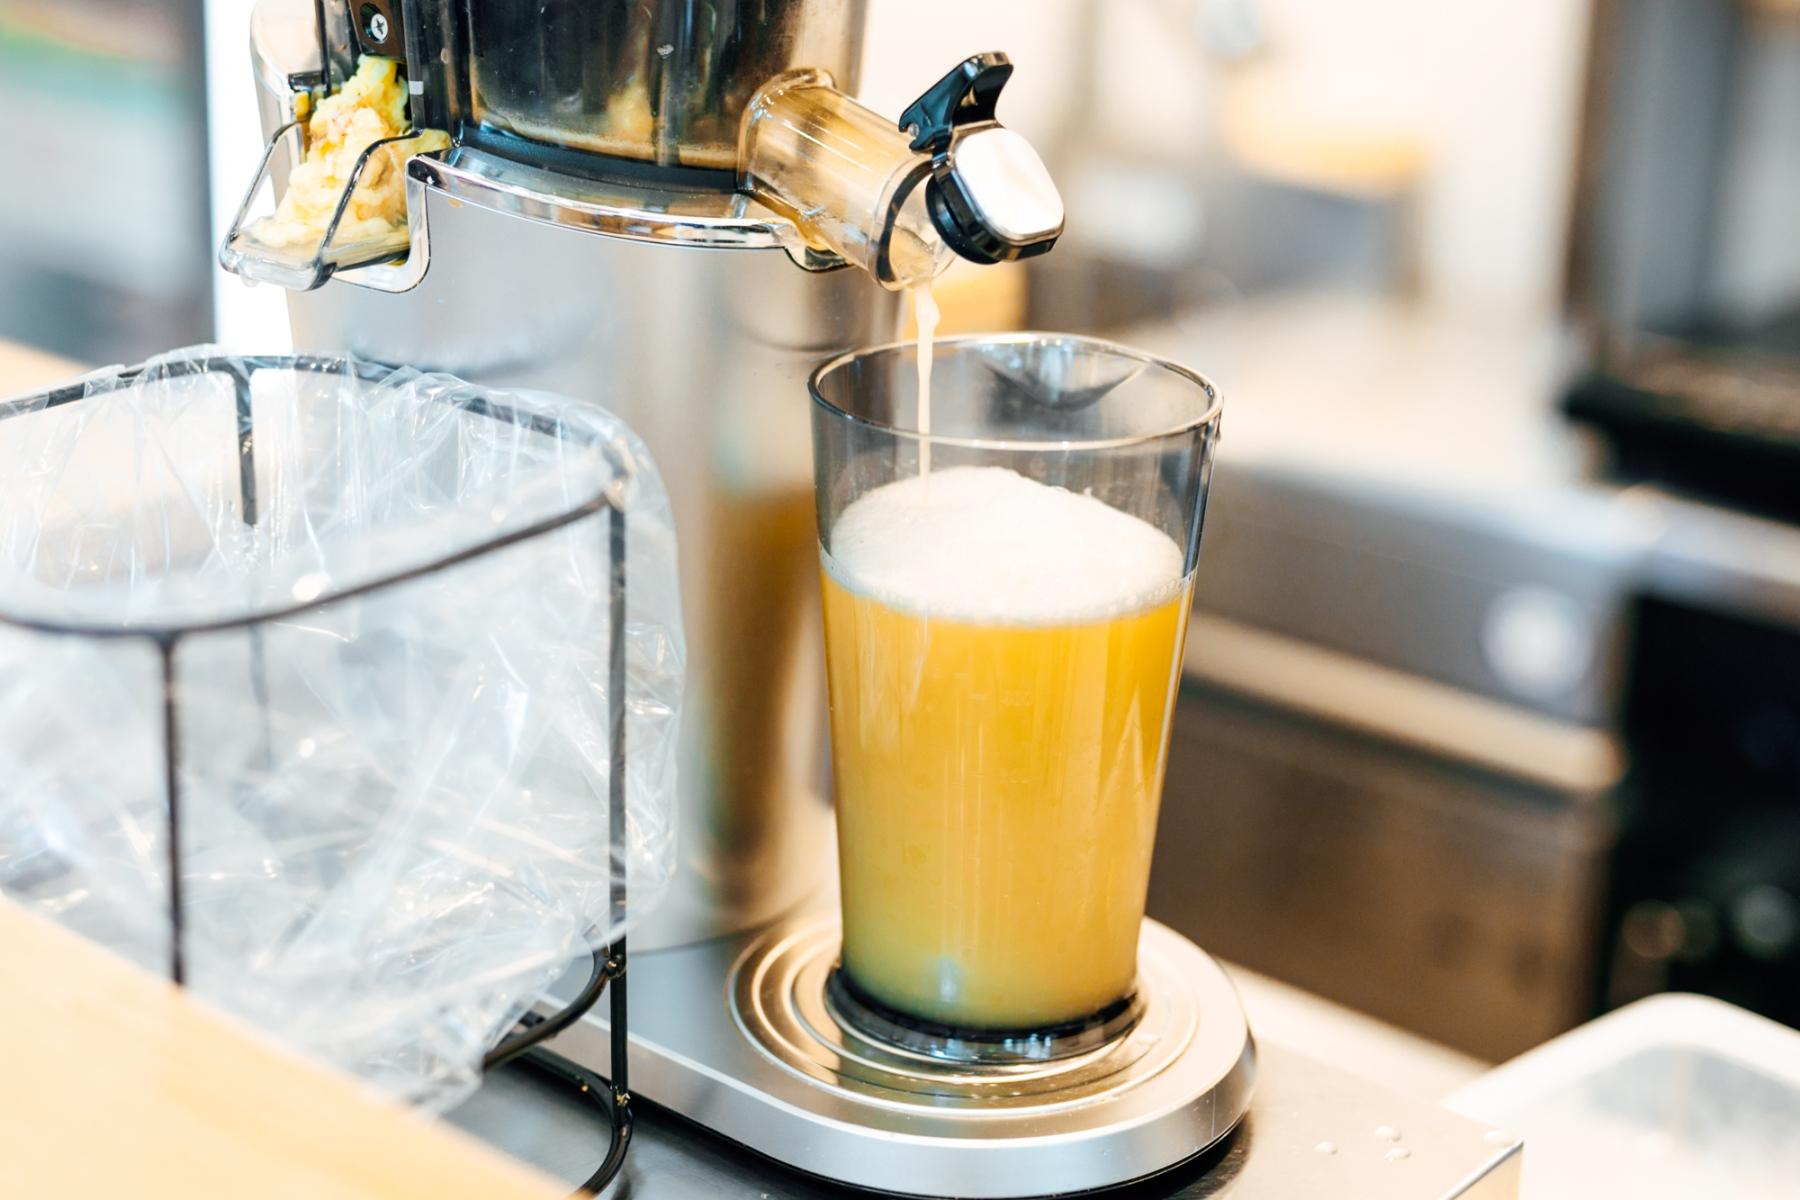 「Why Juice?」×「APeCA」がコラボ。無農薬野菜×フルーツ×カカオニブが引き立て合う、新感覚のジュース3種が誕生